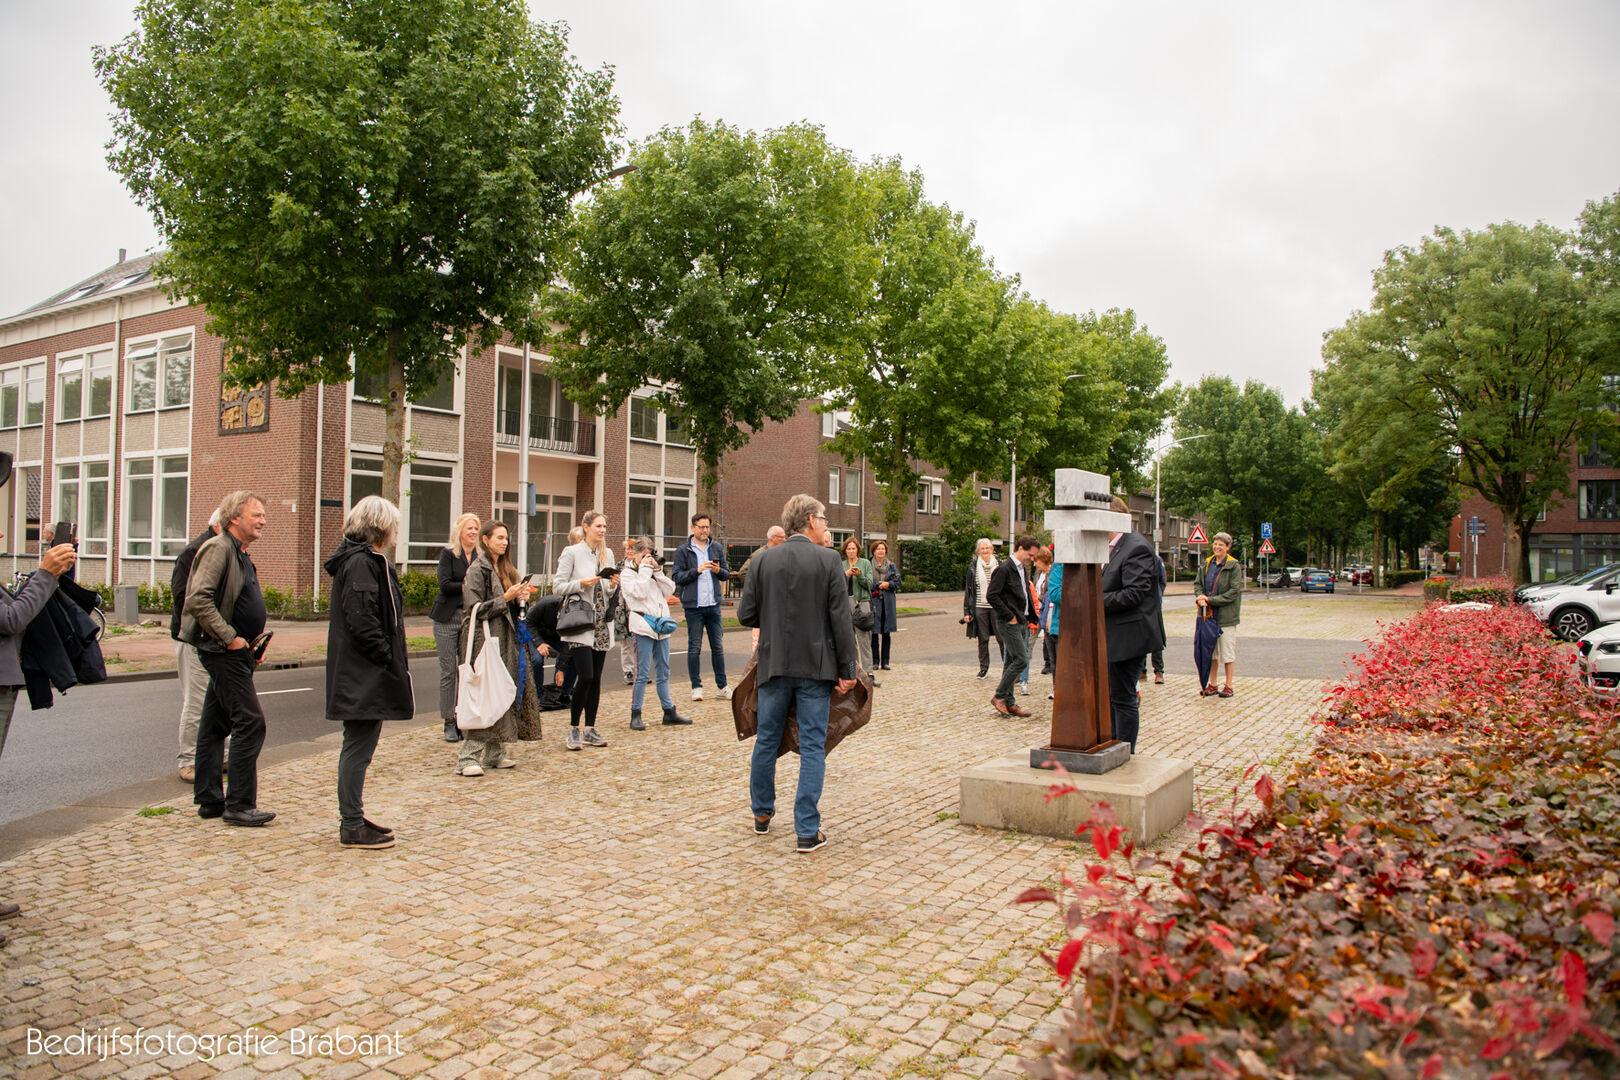 Open call: Beeld voor Raadhuisplein Rijen